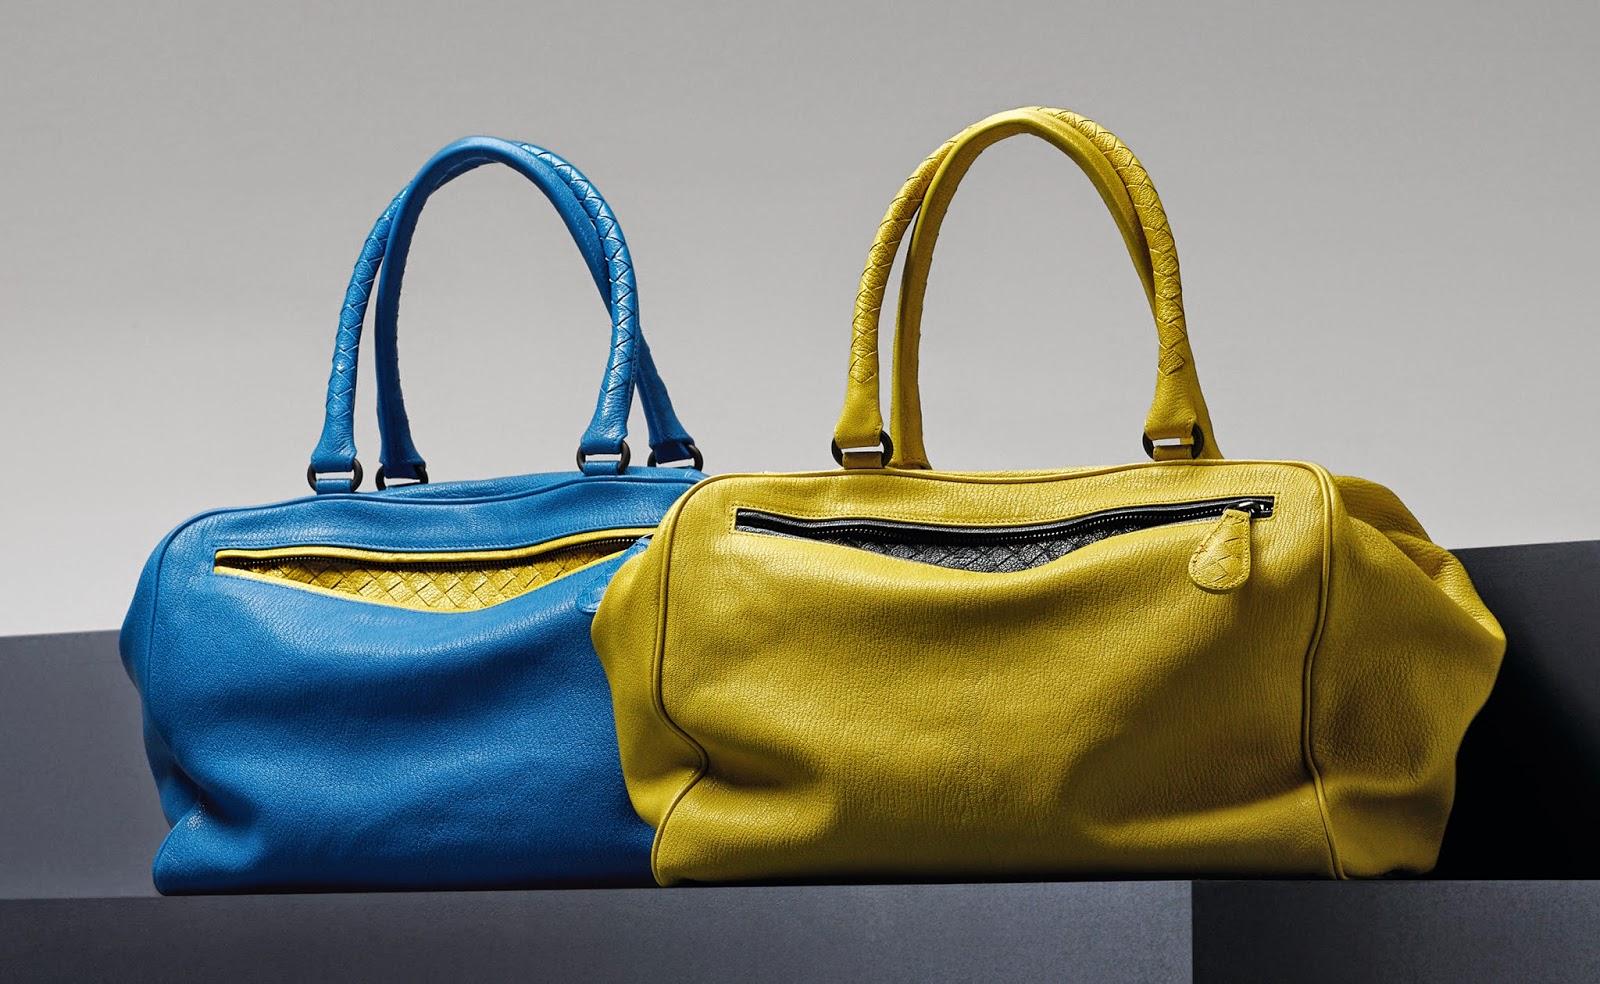 Bottega Veneta's New Madras Heritage Brera Bag